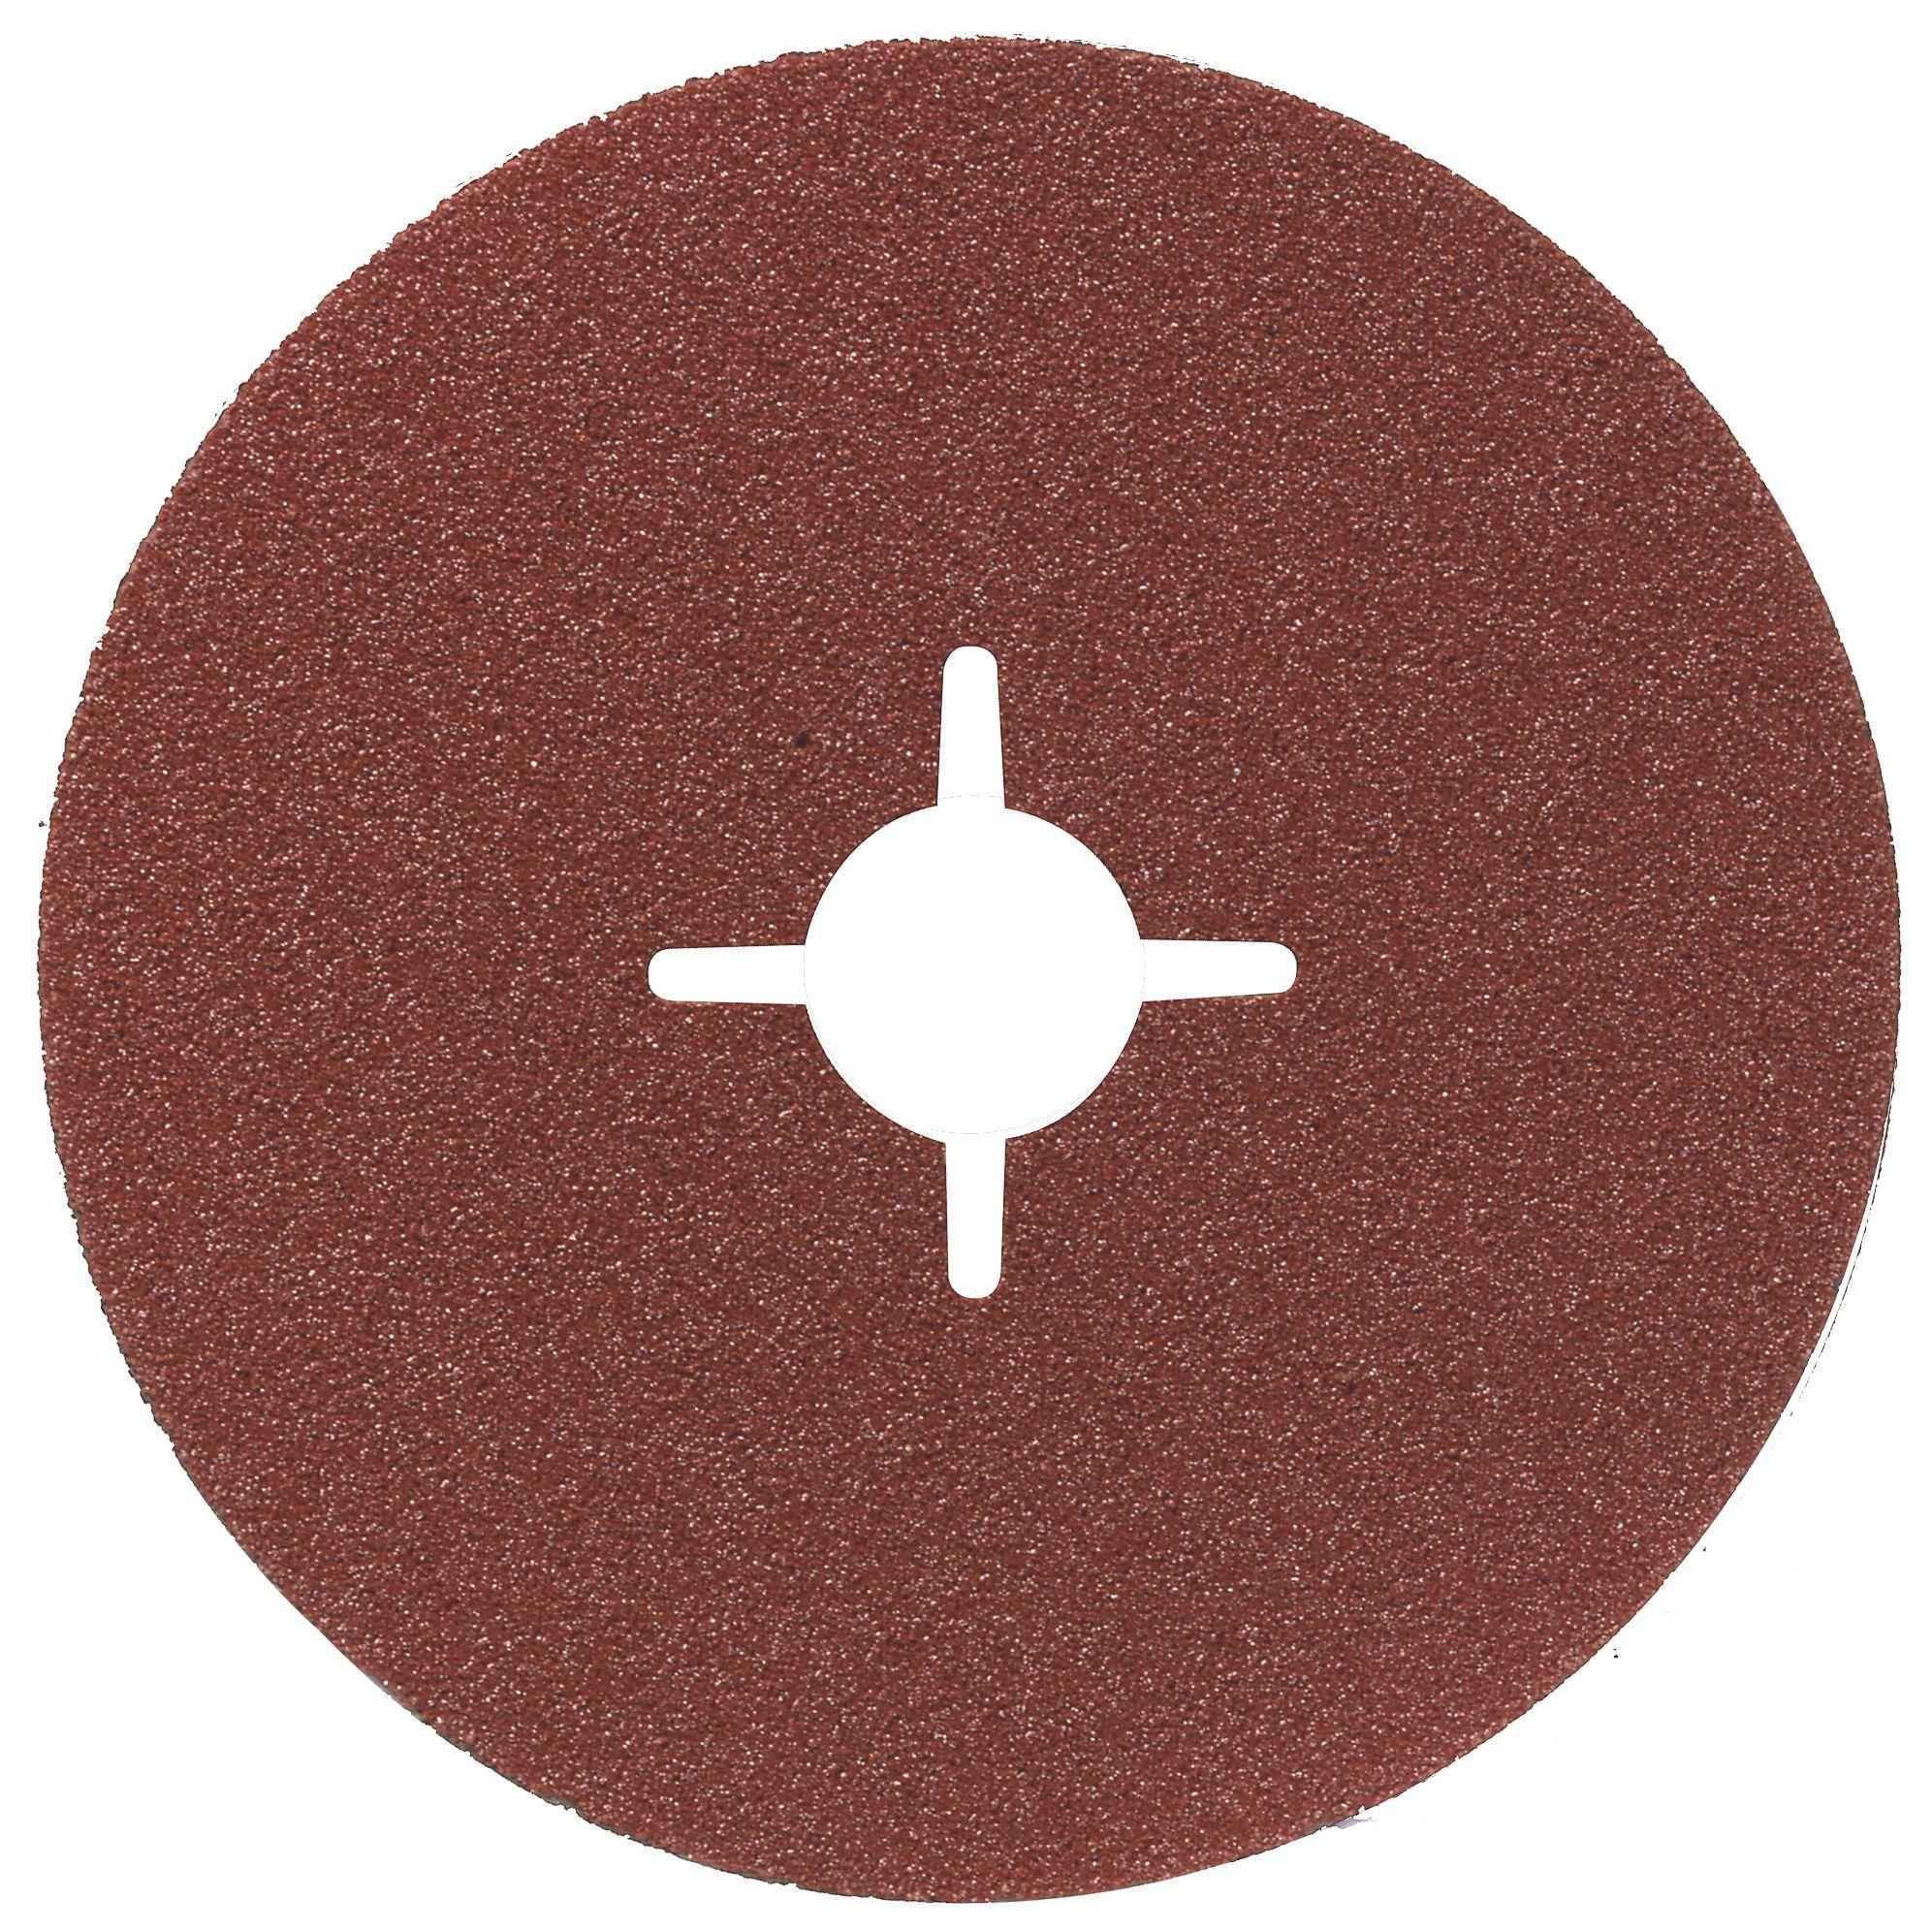 Фибровый круг BOSCH professional metal ф230 metal к 24